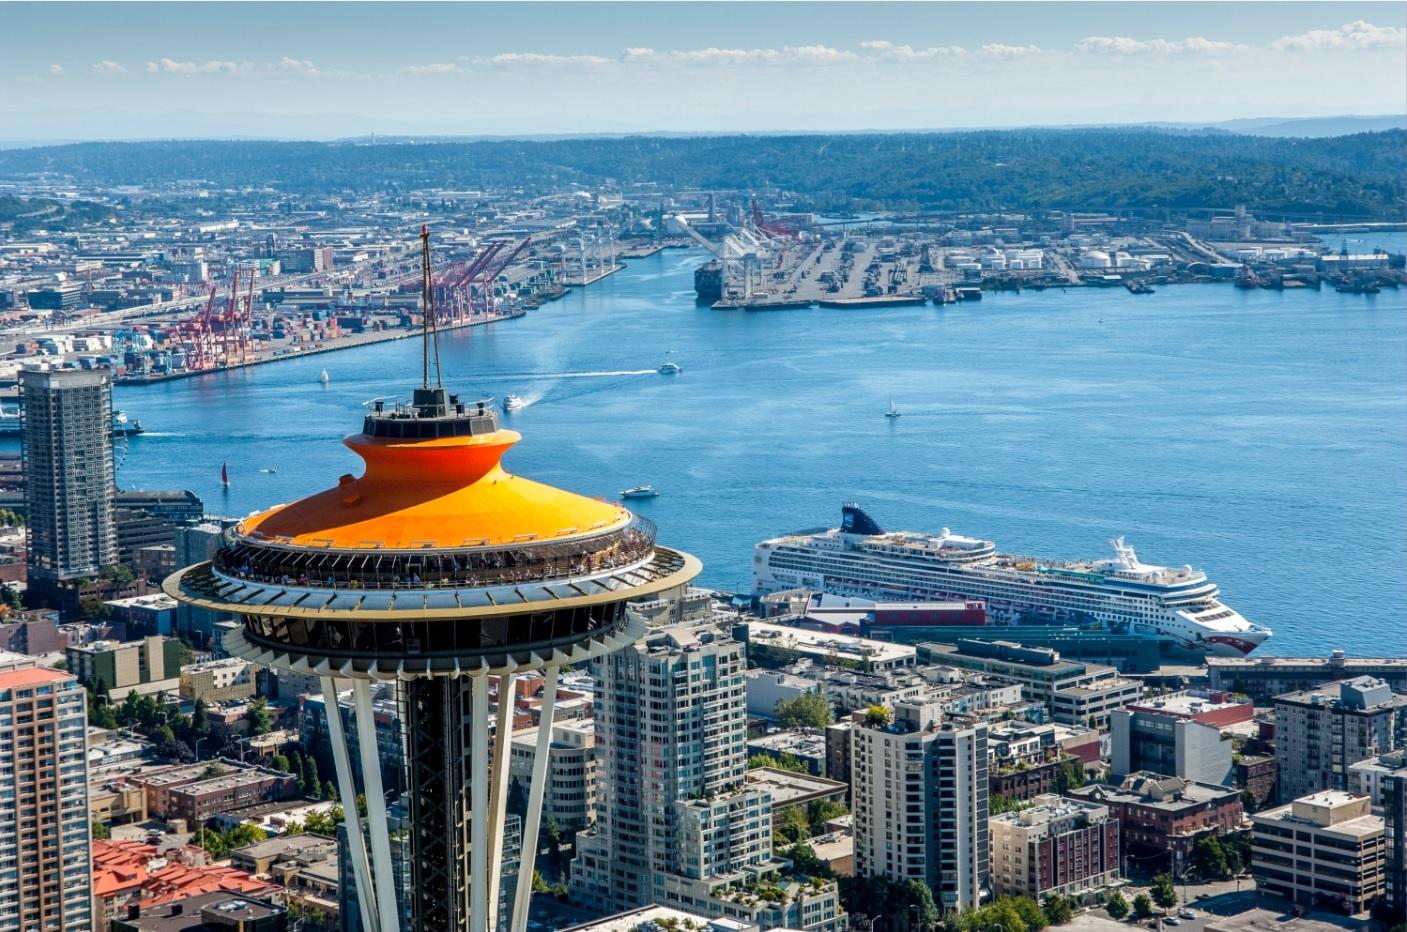 シアトル市内観光